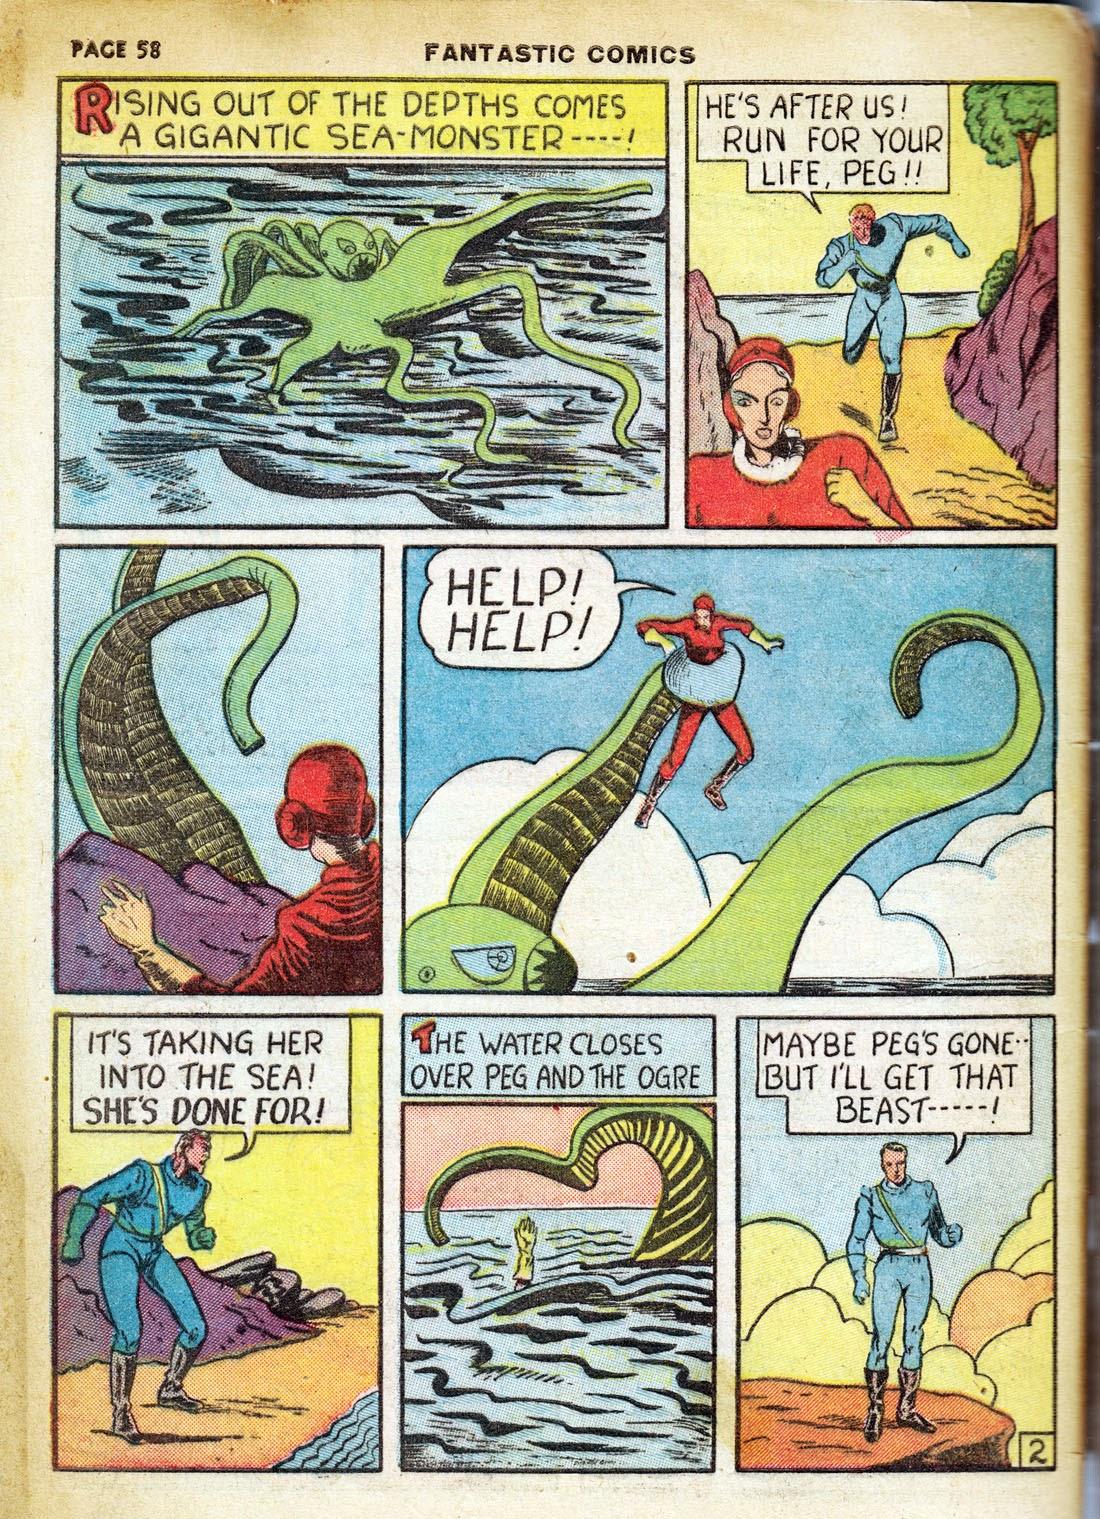 Read online Fantastic Comics comic -  Issue #7 - 60